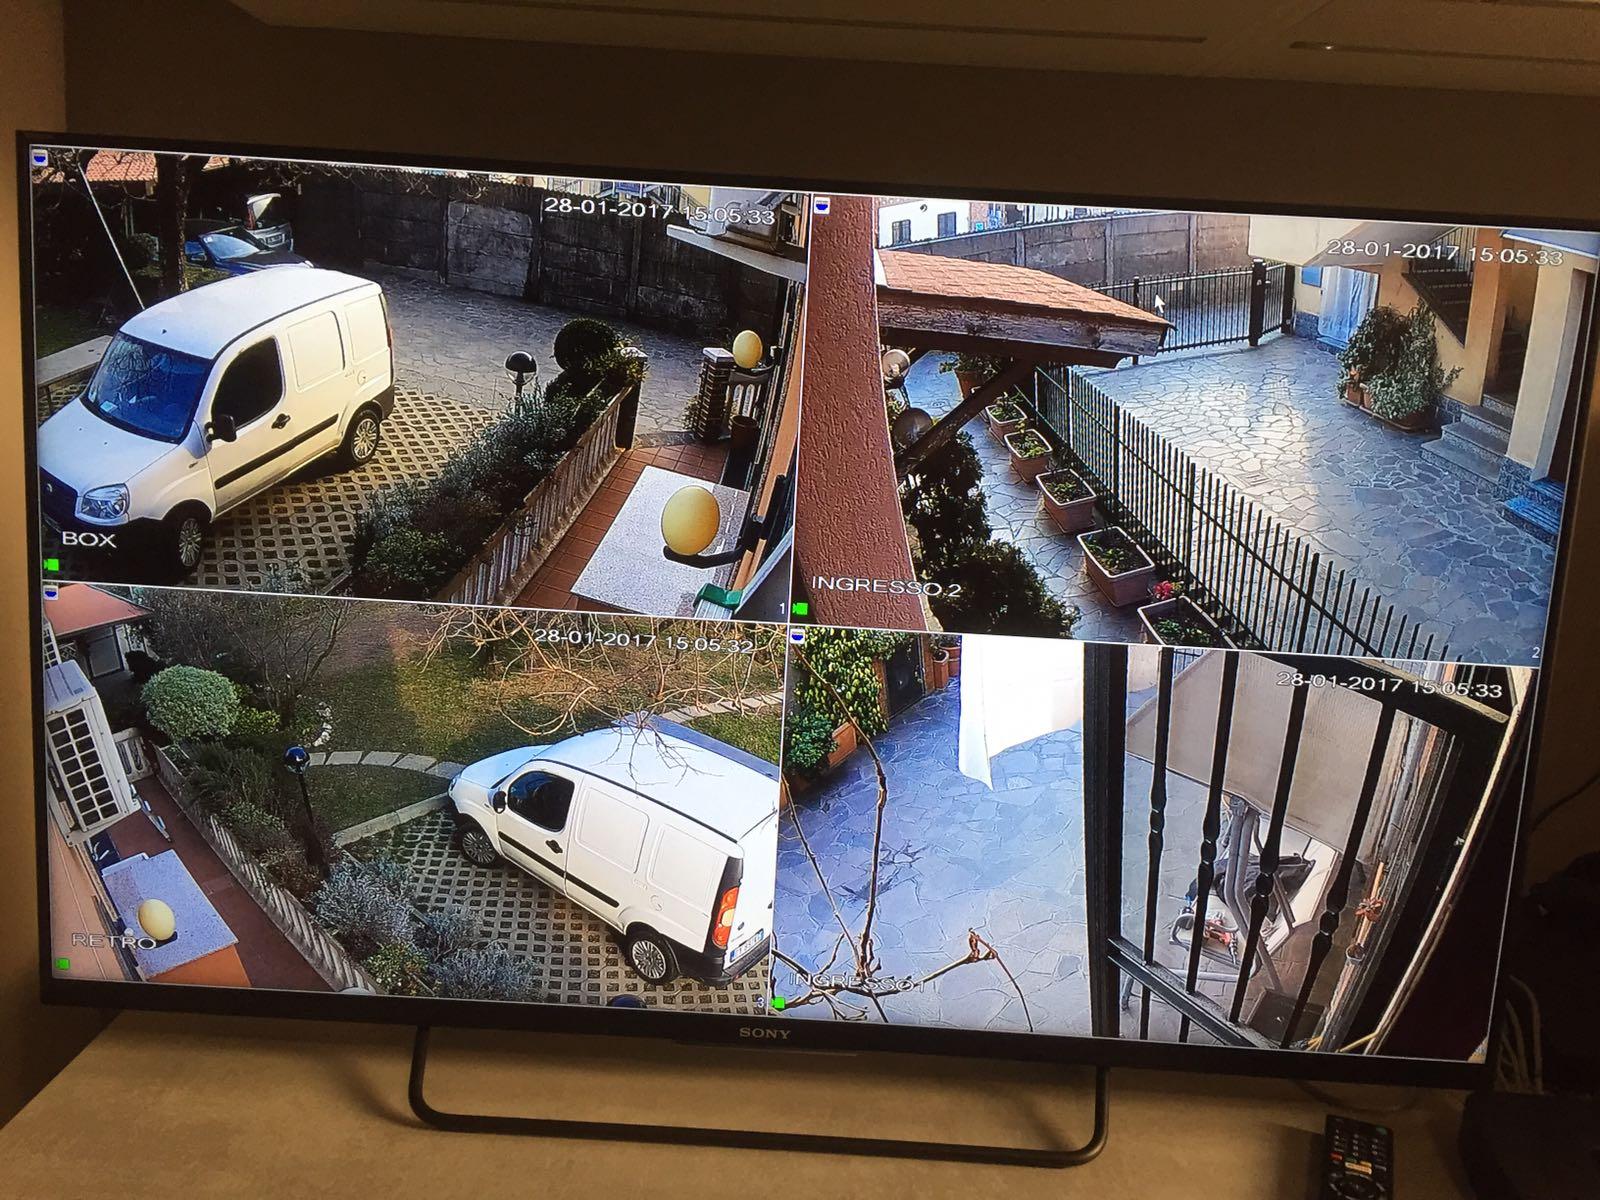 Allarme casa impianto di sicurezza dt3 falcoalarm - Impianto di allarme casa ...